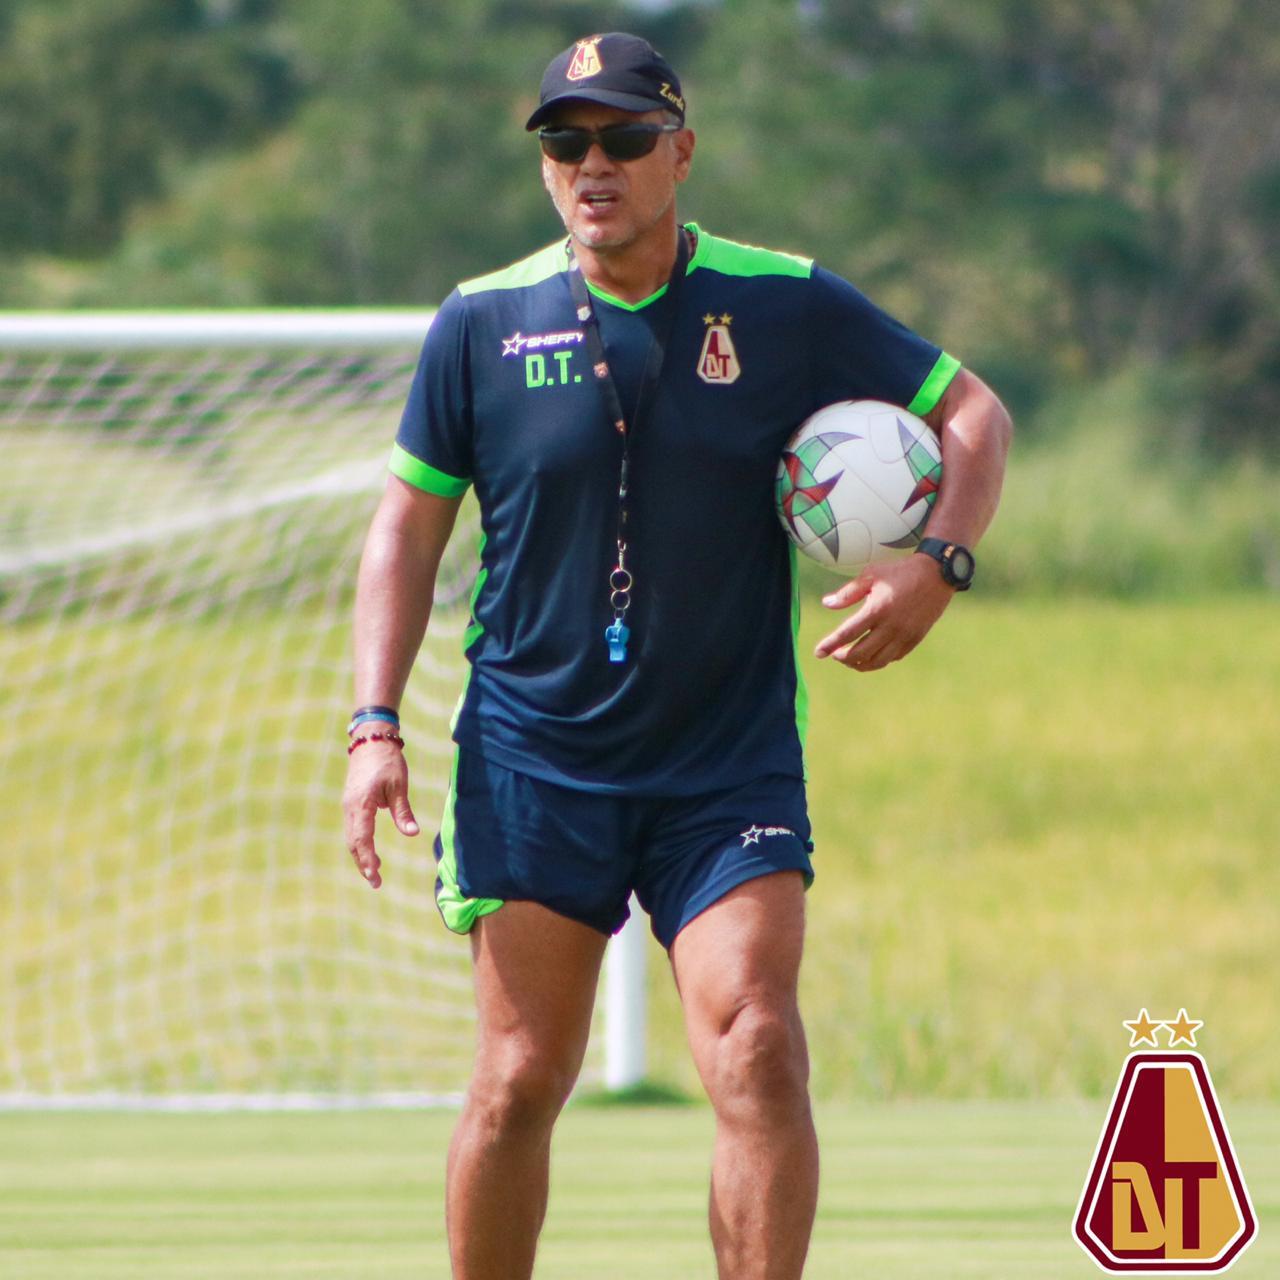 América, Nacional y Pereira: Los tres rivales del Deportes Tolima en una semana